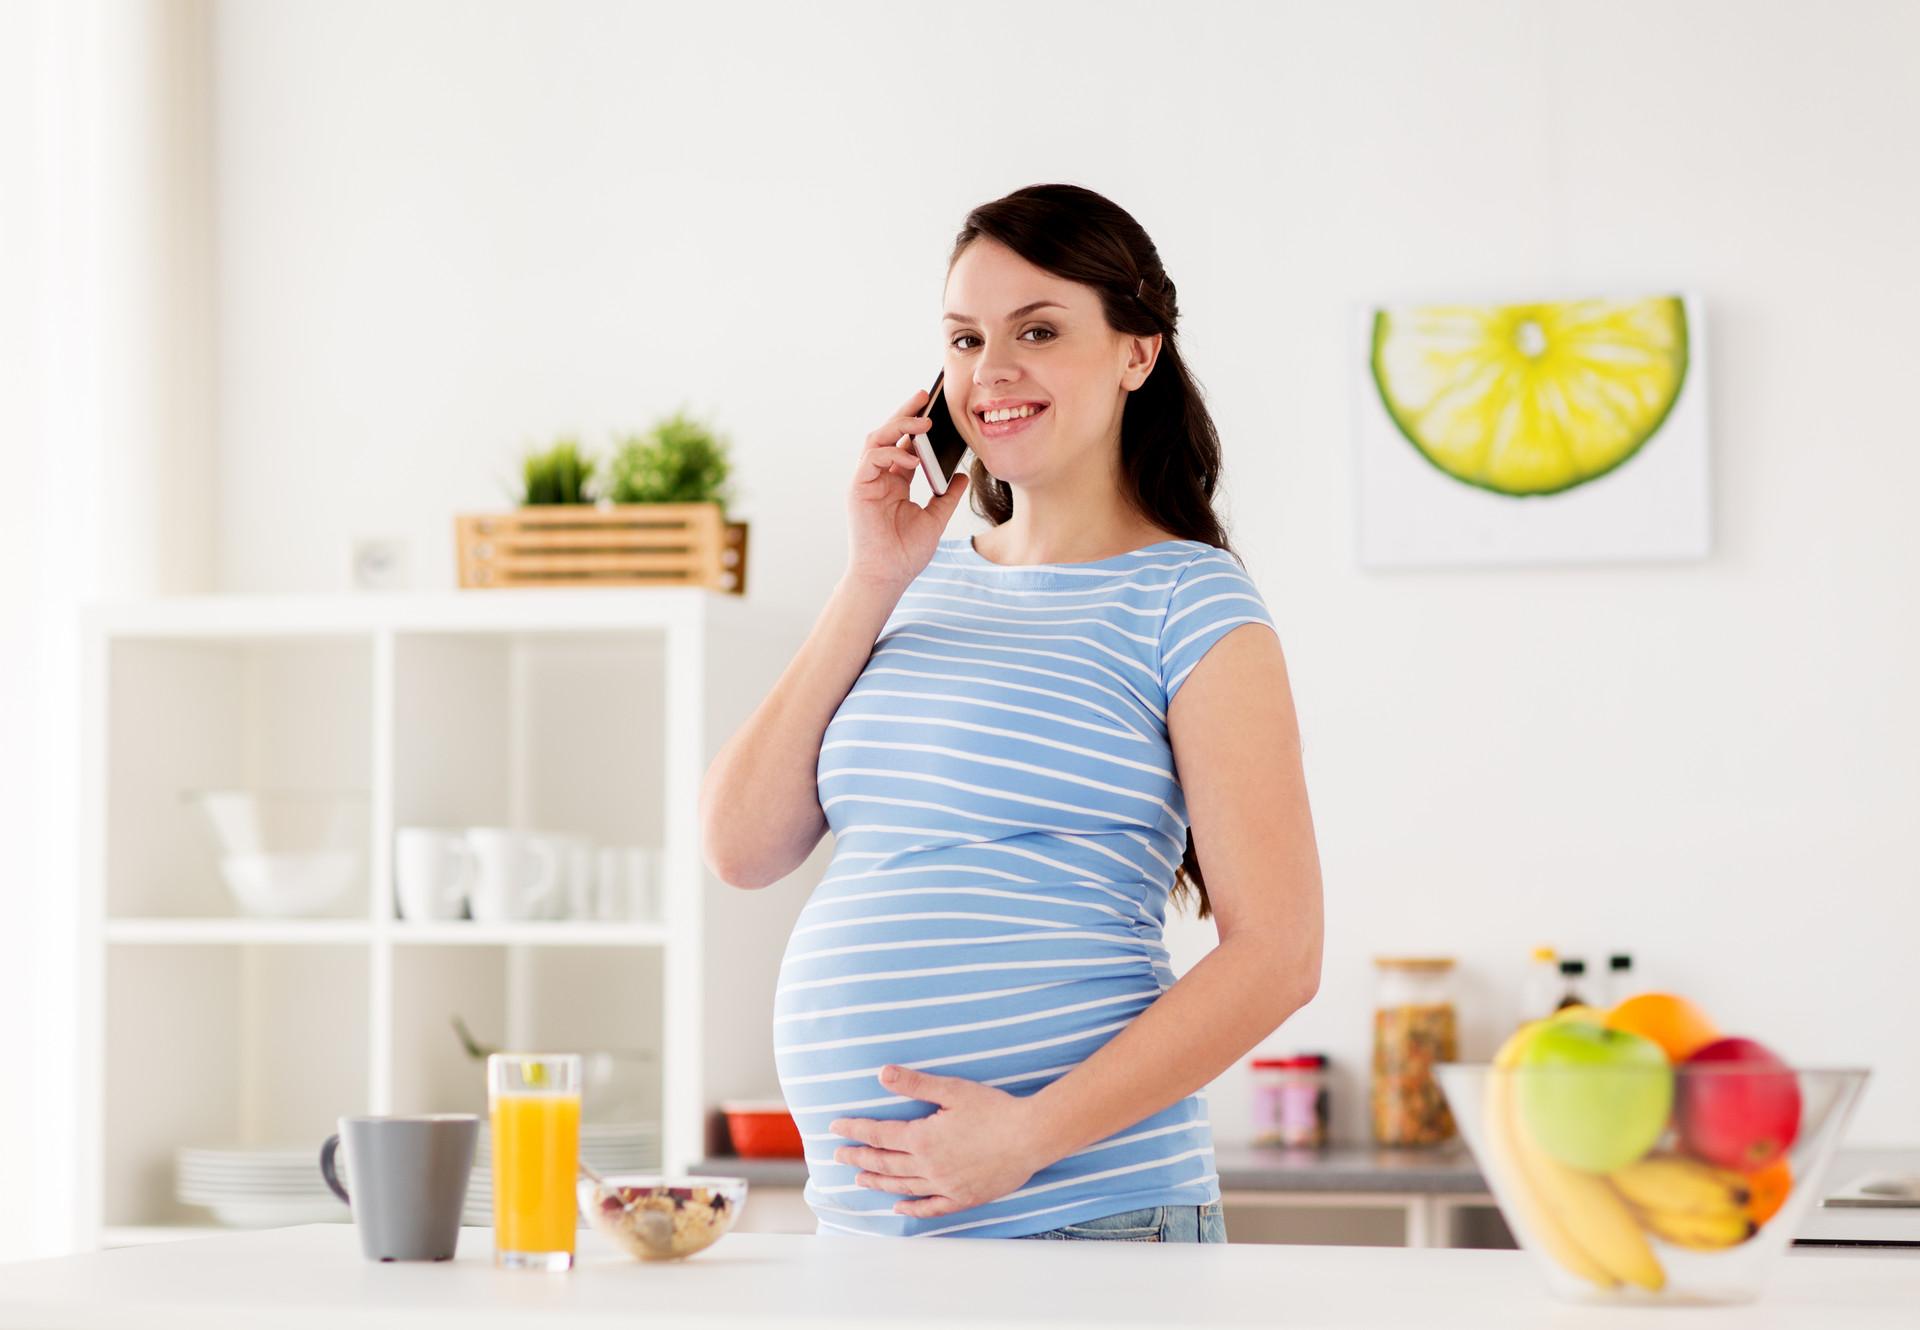 2歲寶寶說出胎兒時期的事情,難道胎兒有宮內記憶?看看研究成果